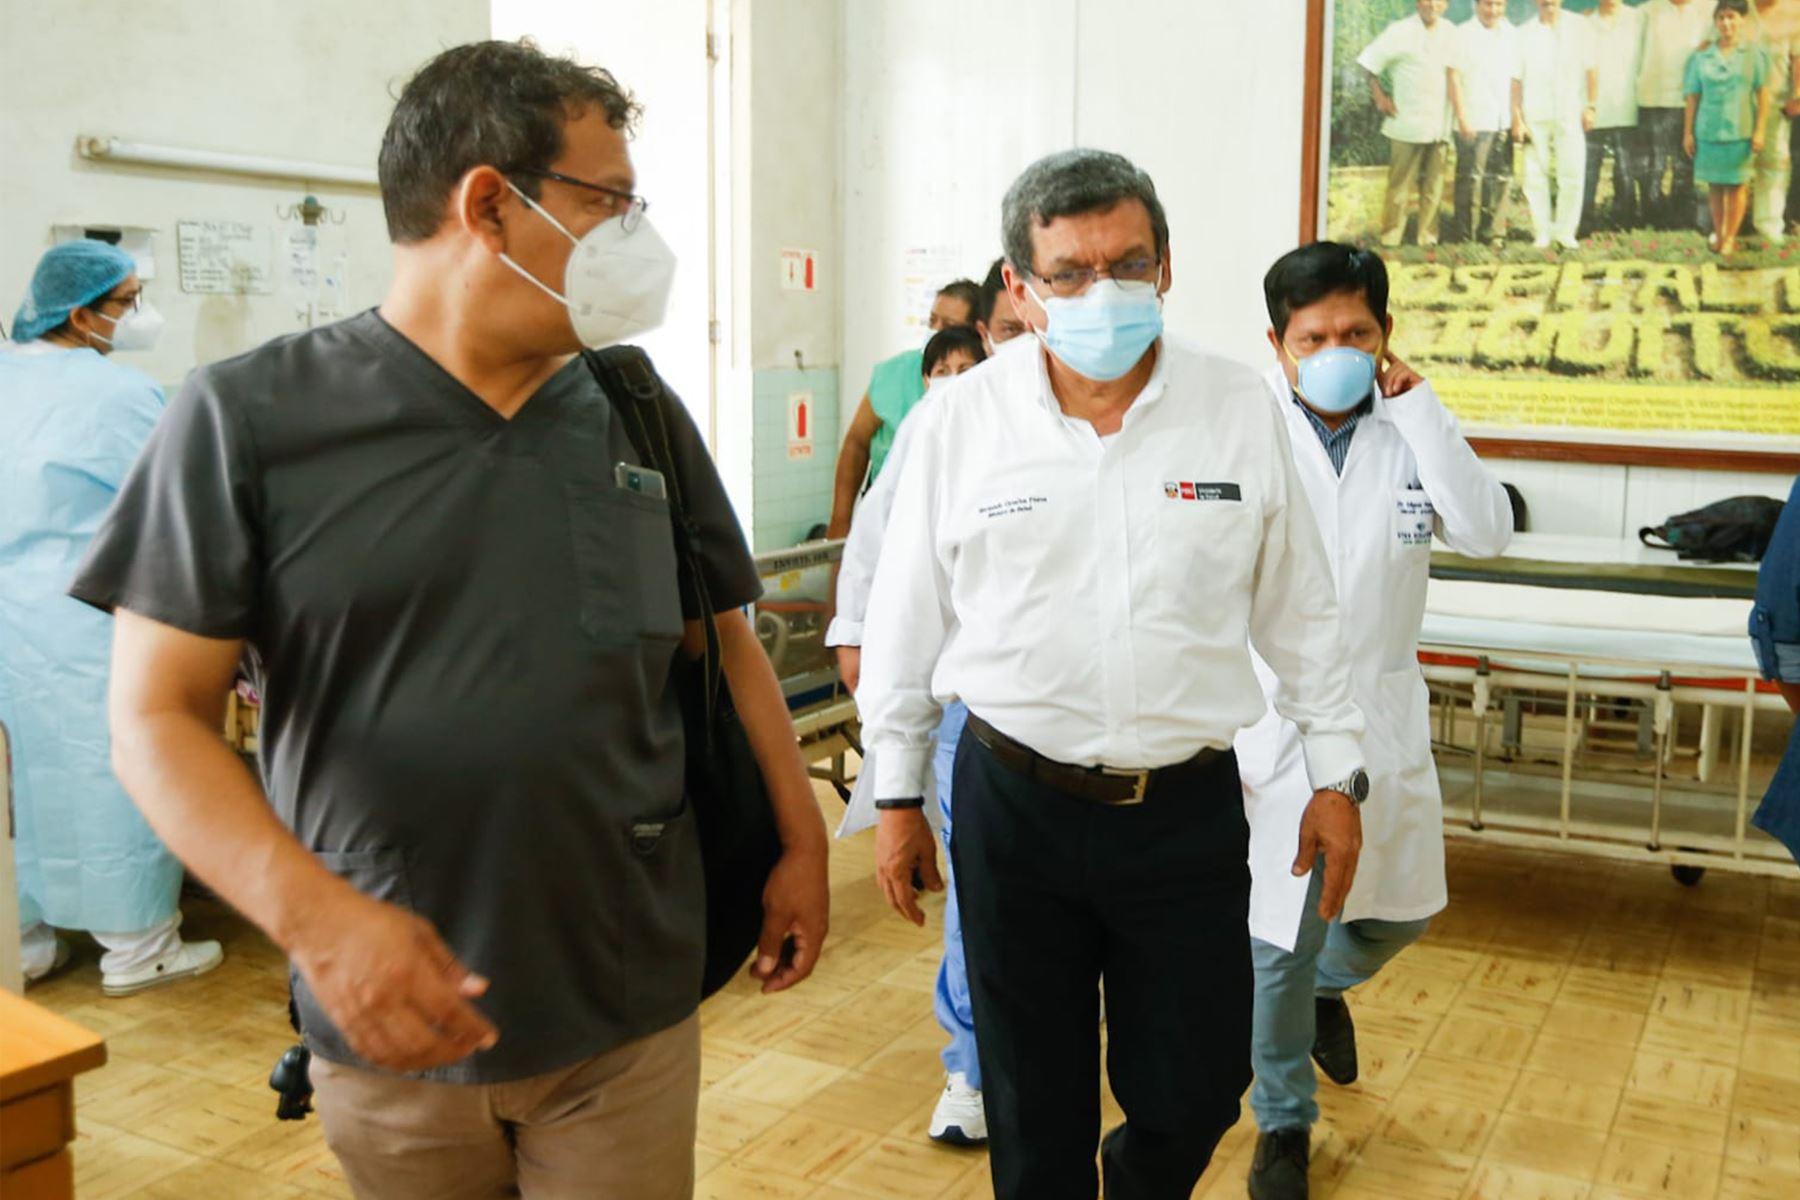 El ministro de Salud,  Hernando Cevallos supervisa las instalaciones del hospital de Iquitos verificando la infraestructura y protocolos ante la covid -19.  Foto : Minsa